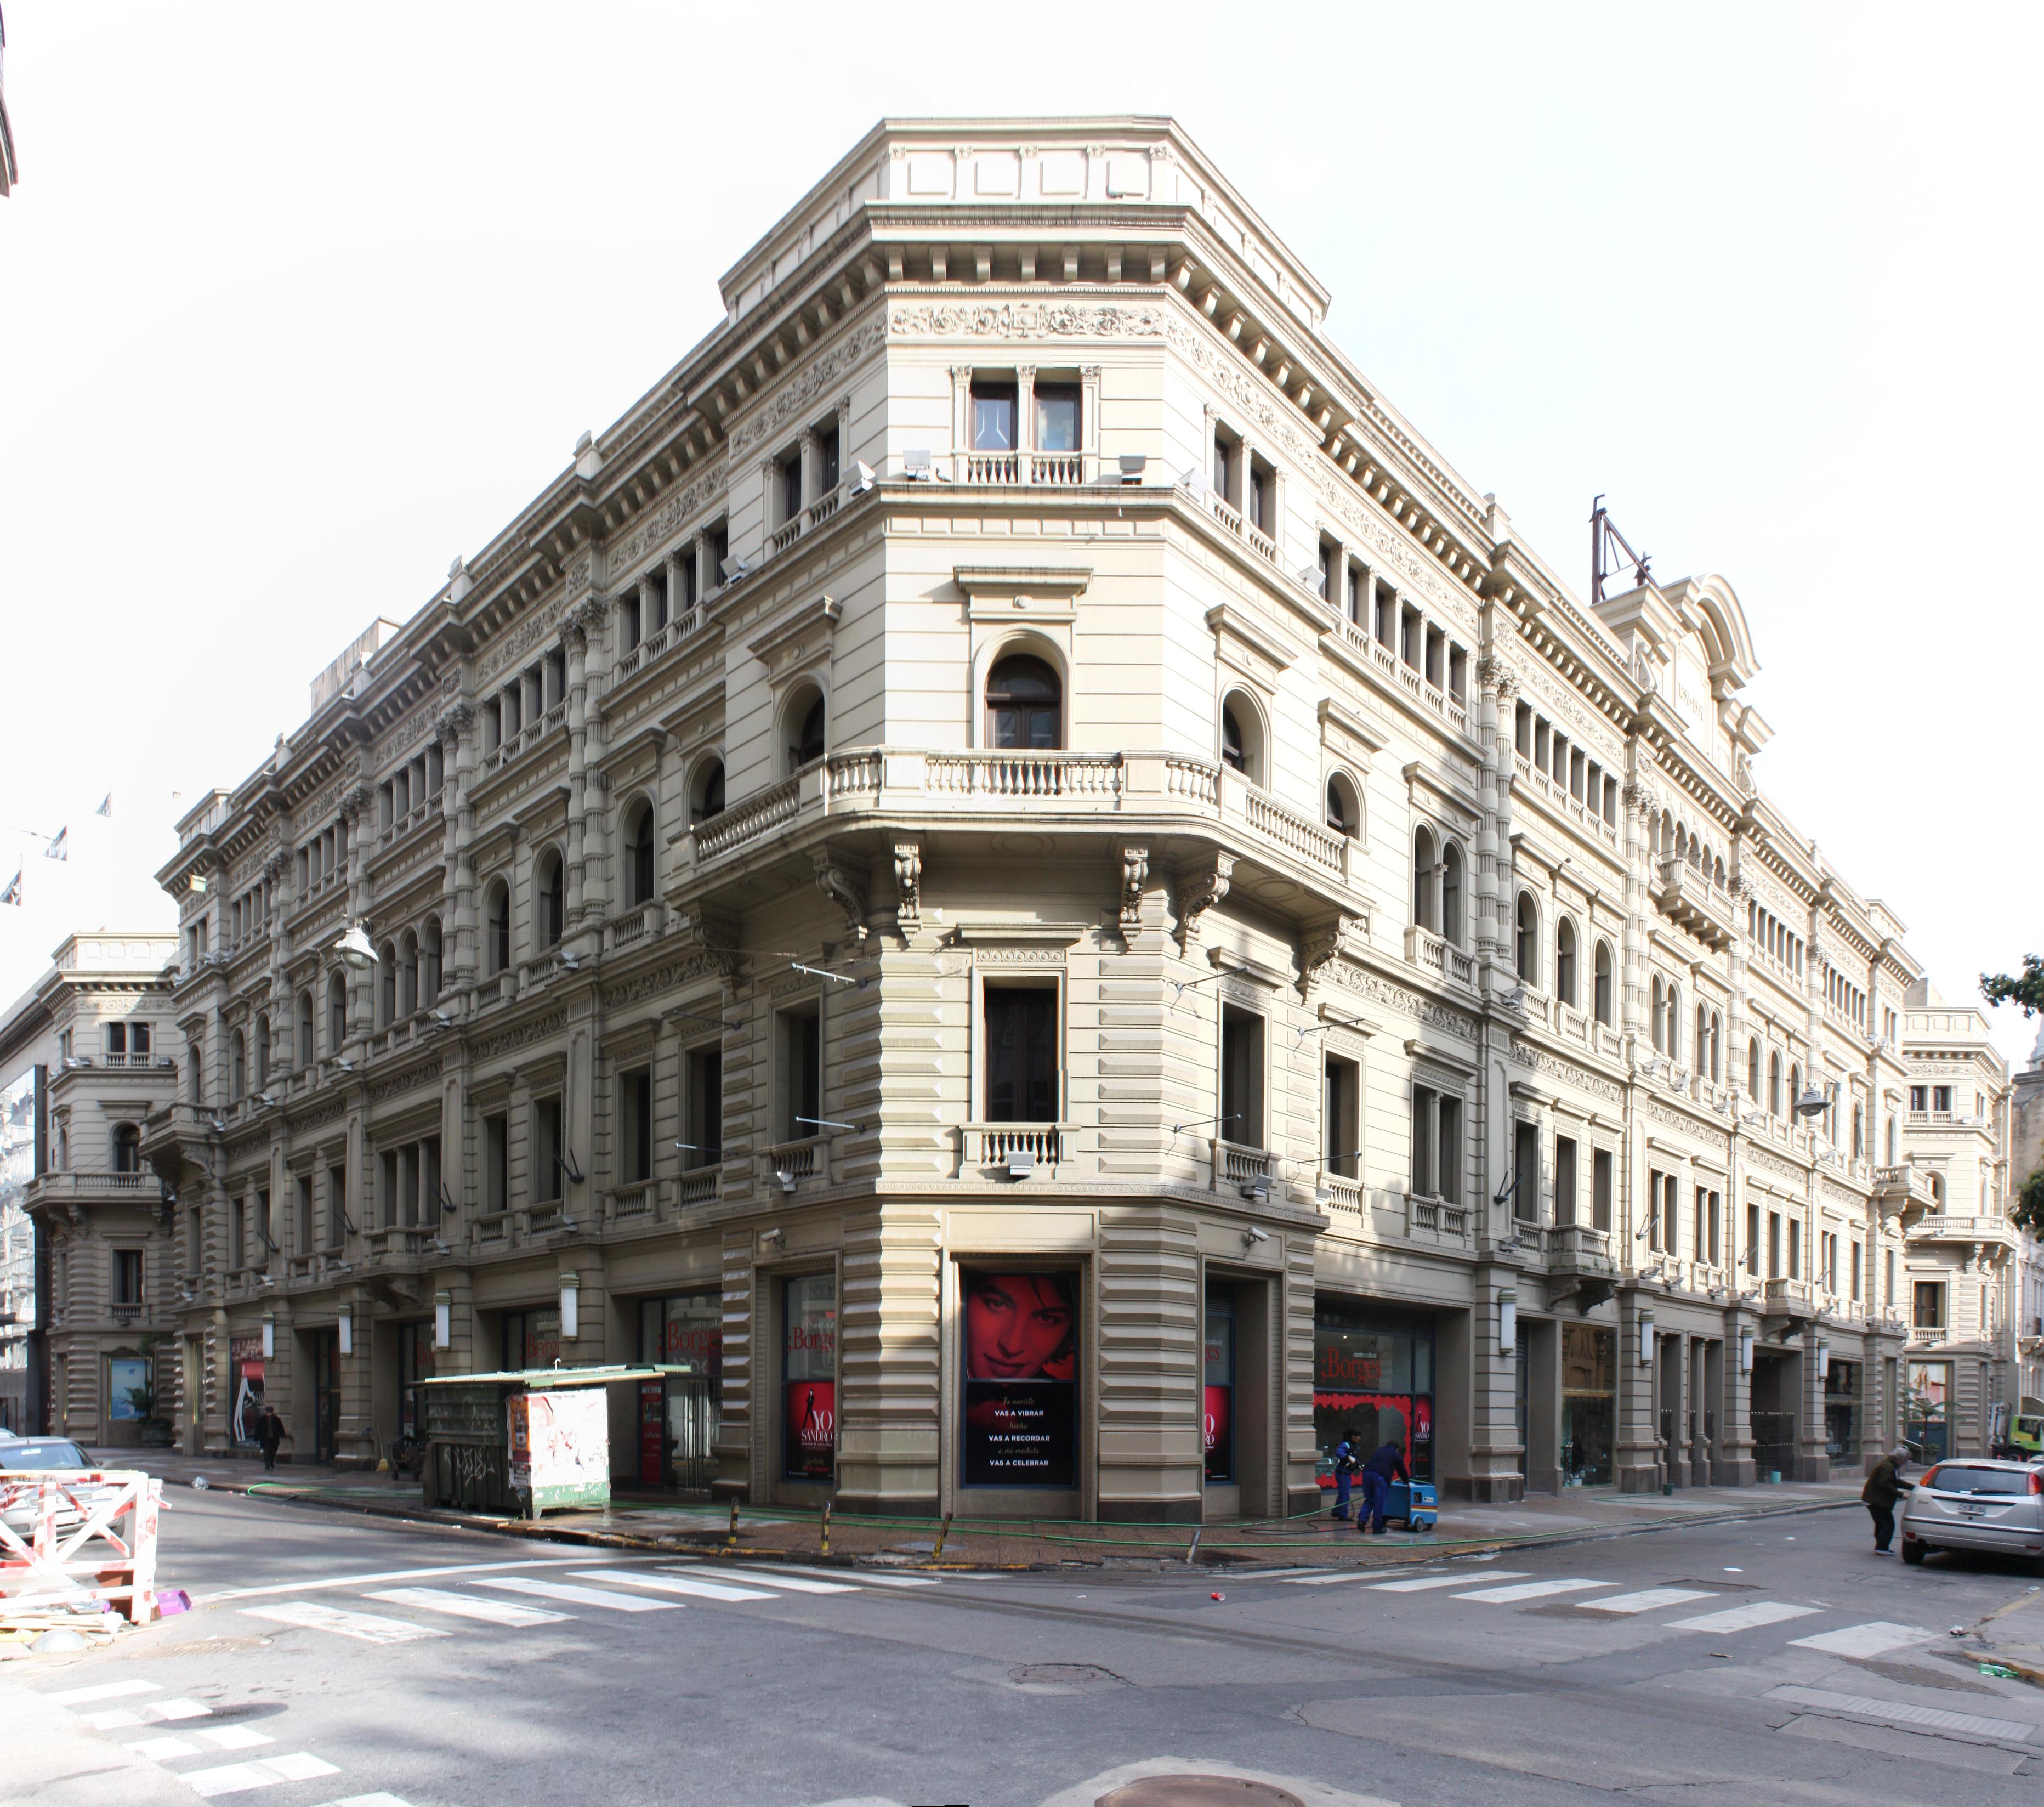 Galerias Pacifico: File:Galerías Pacífico Buenos Aires.jpg